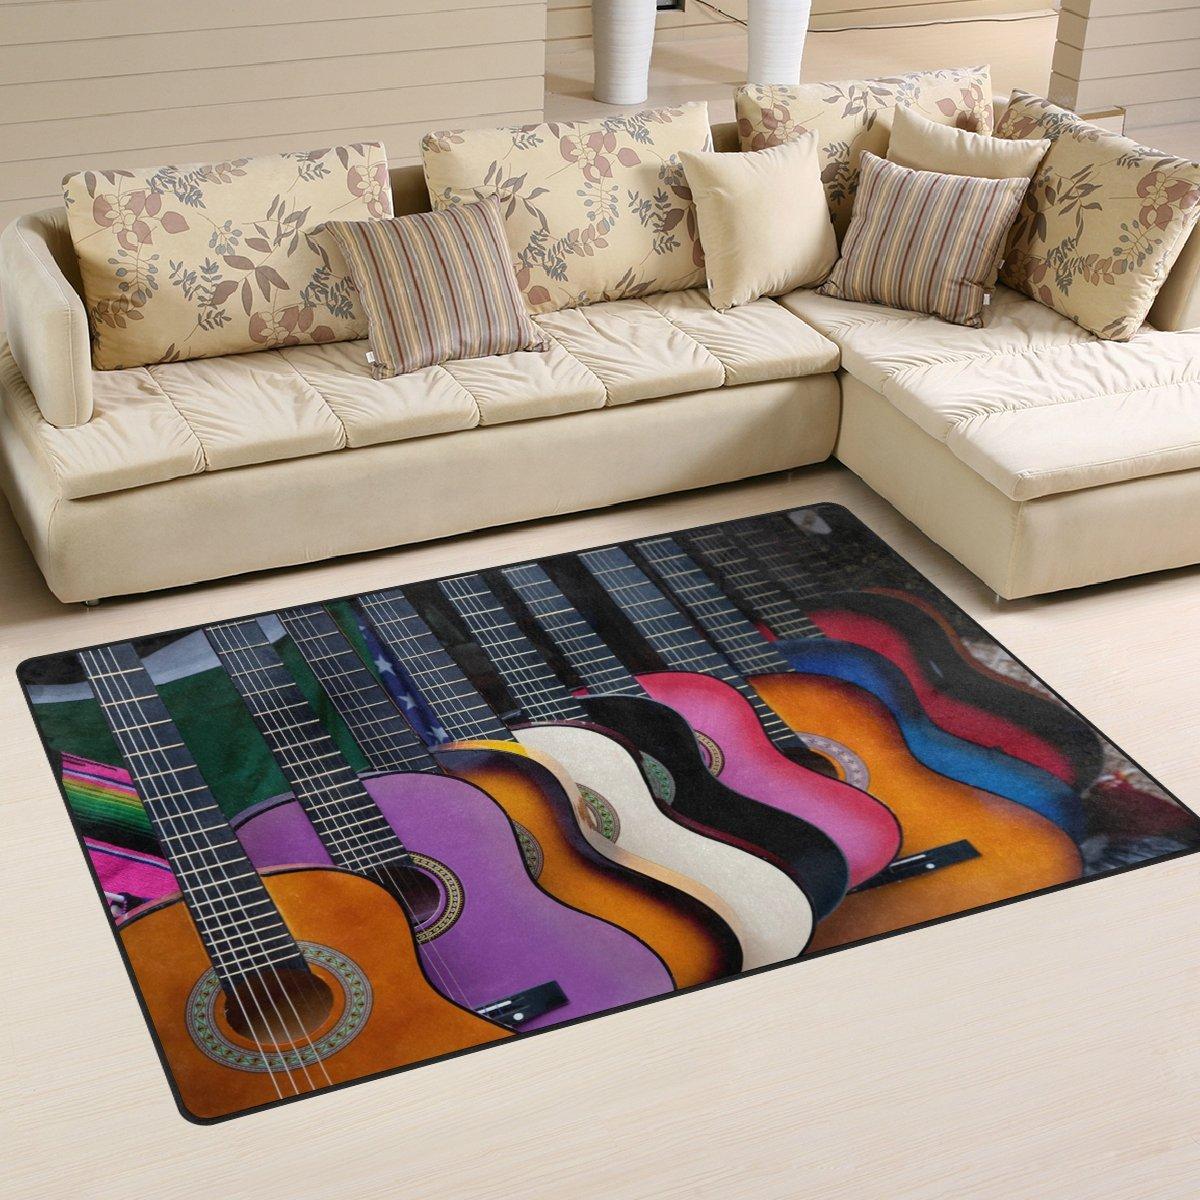 Naanle Music Theme tappeto antiscivolo per per camera da letto, soggiorno, cucina 50x 80cm (1.7'x 2.6' ft), Guitar nursery tappeto pavimento tappetino yoga, Multi, 50 x 80 cm(1.7' x 2.6')